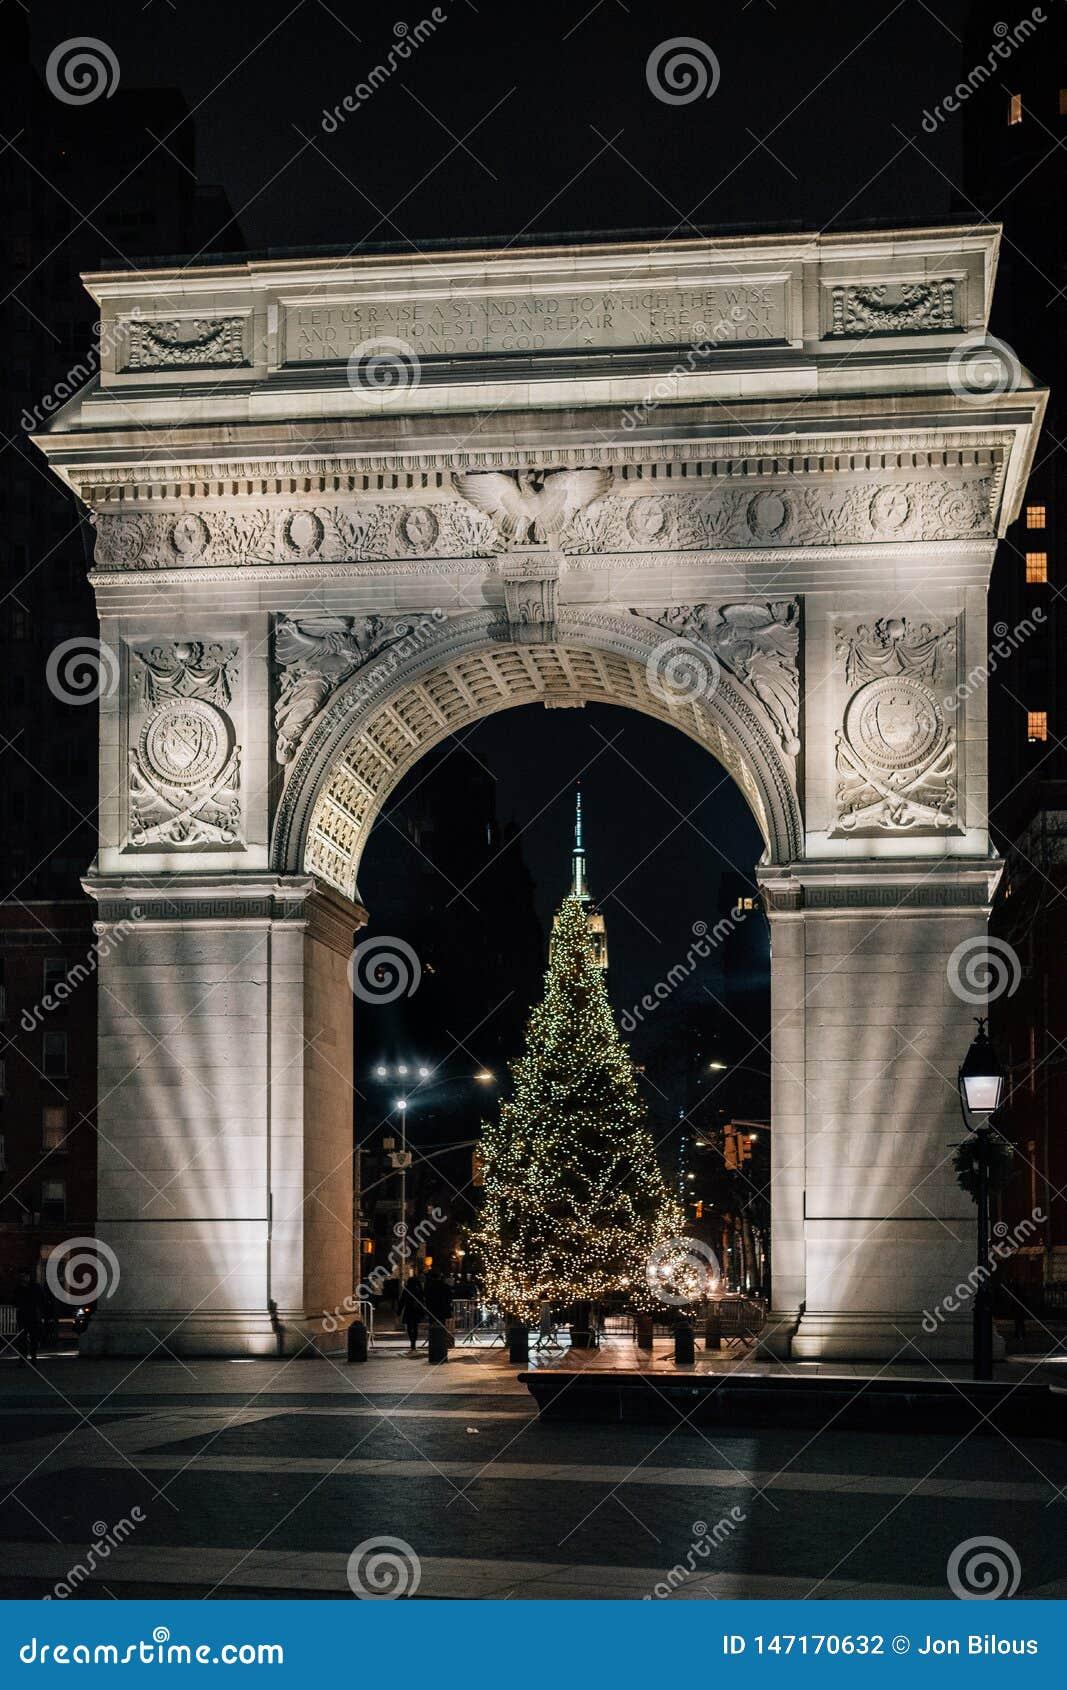 Albero Di Natale Washington.Albero Di Natale Ed Arco A Washington Square Park In Manhattan New York Fotografia Stock Immagine Di Albero Costruzione 147170632